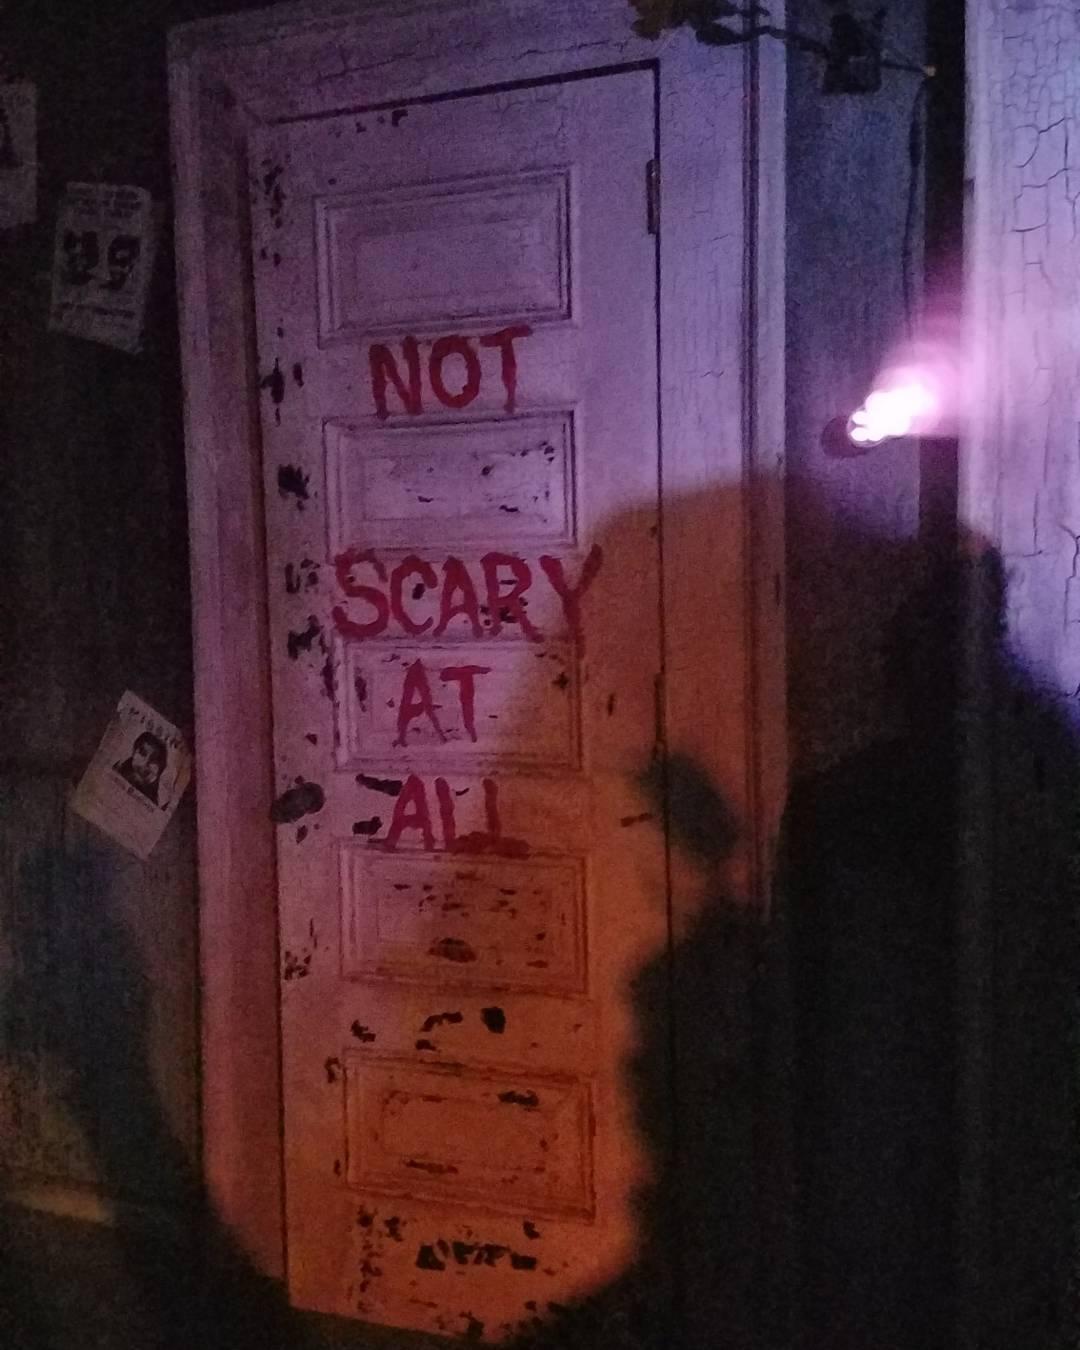 Not scary door.  What's behind?